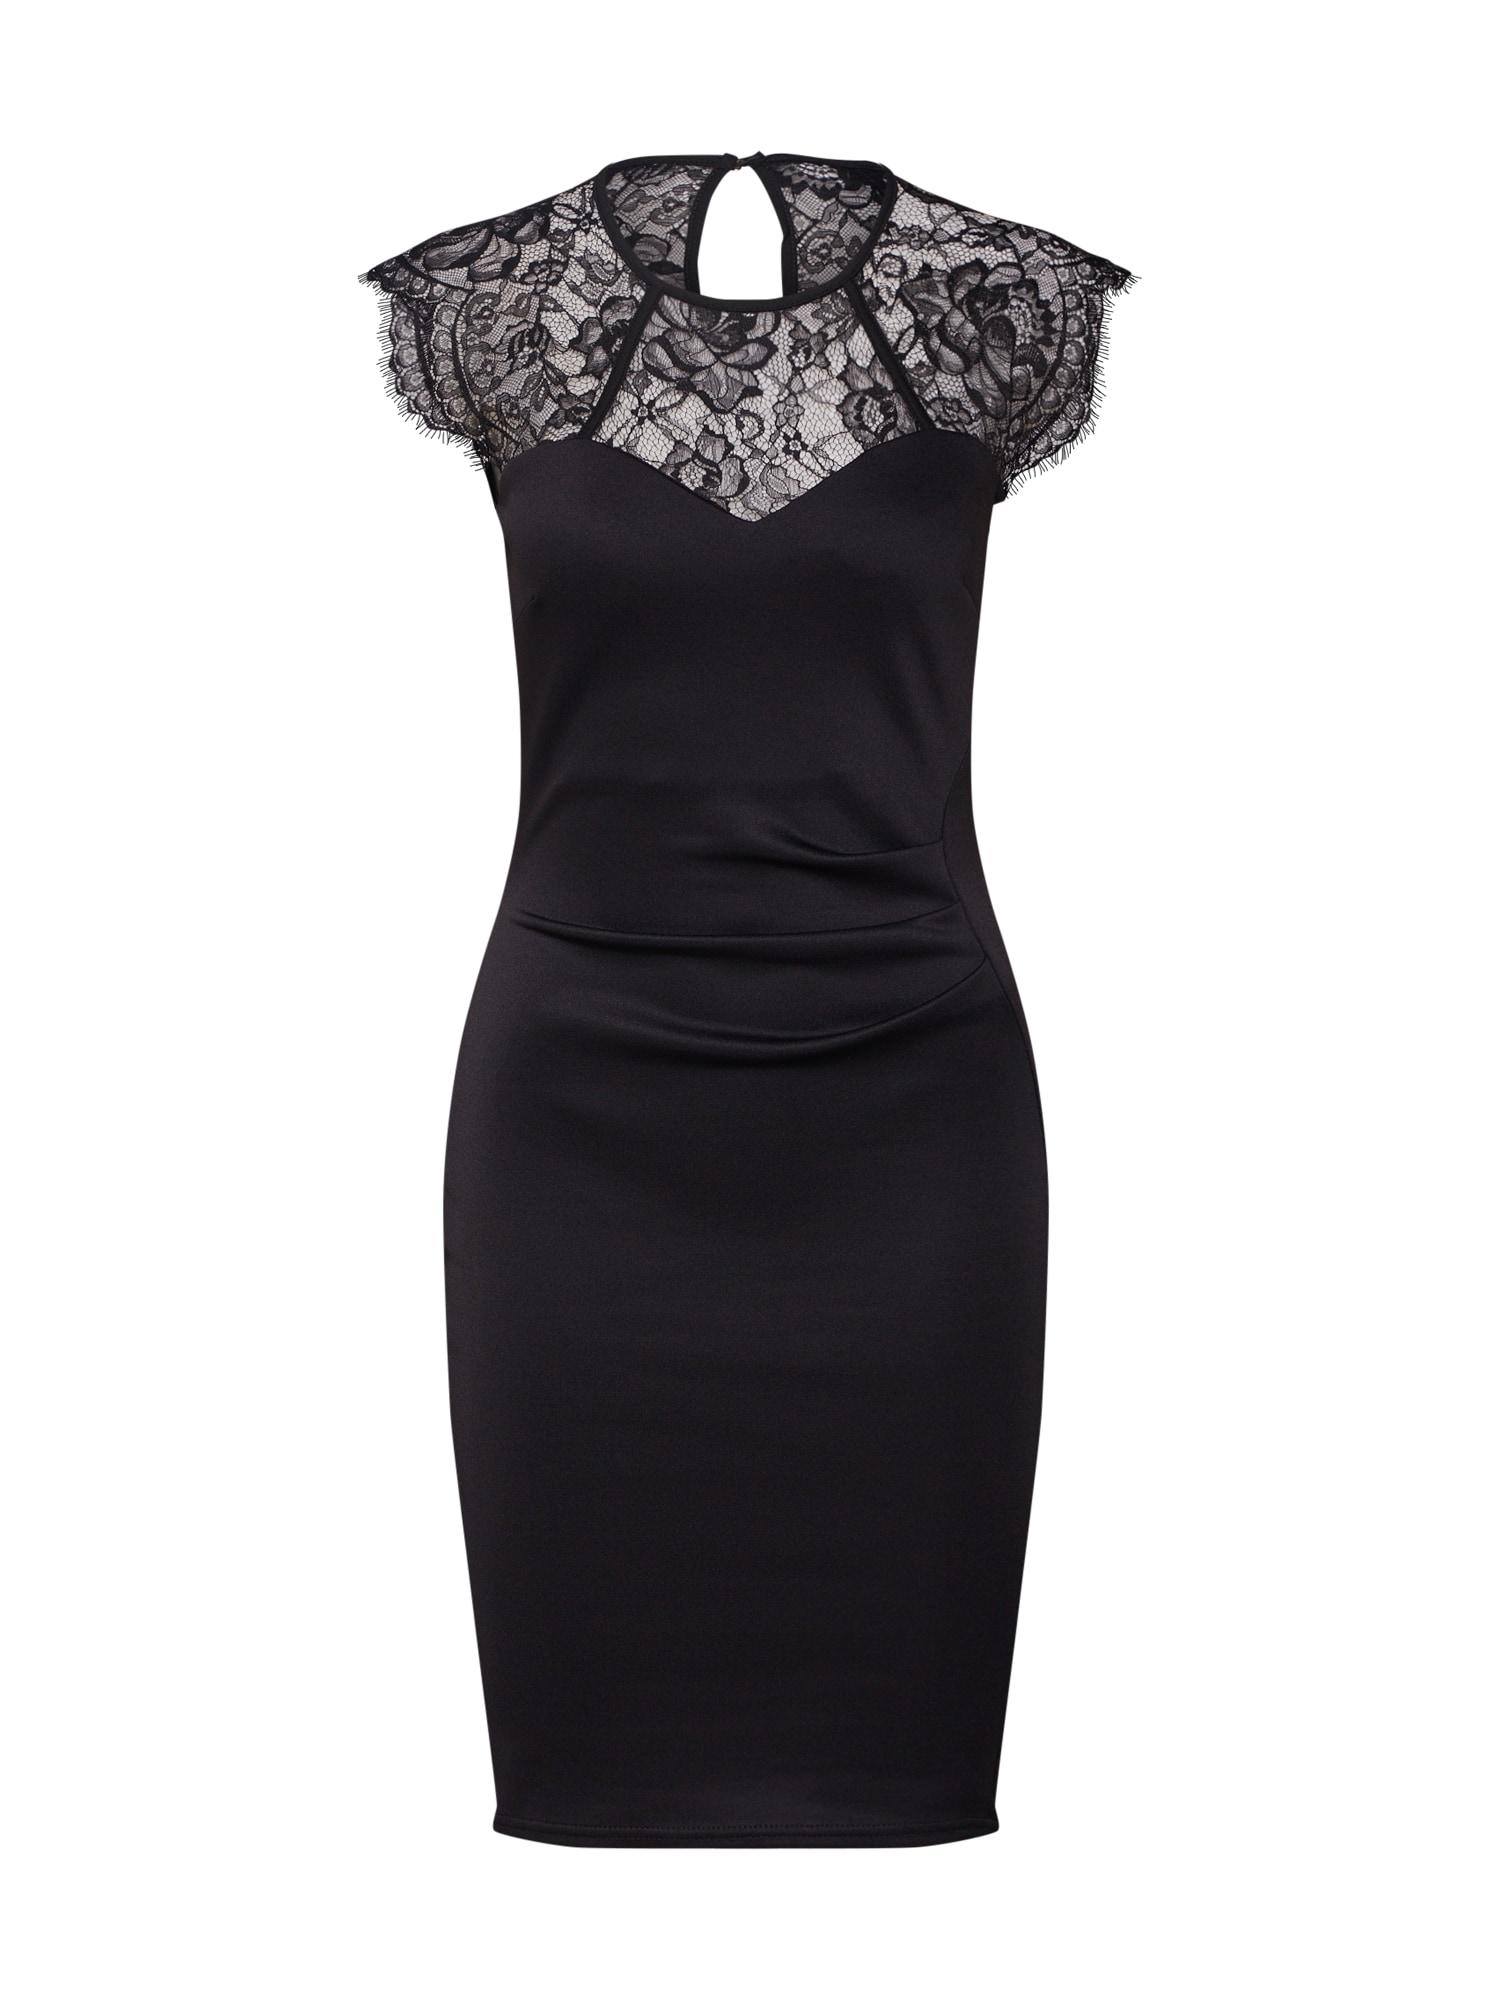 Koktejlové šaty LACE YOKE PENCIL černá Dorothy Perkins